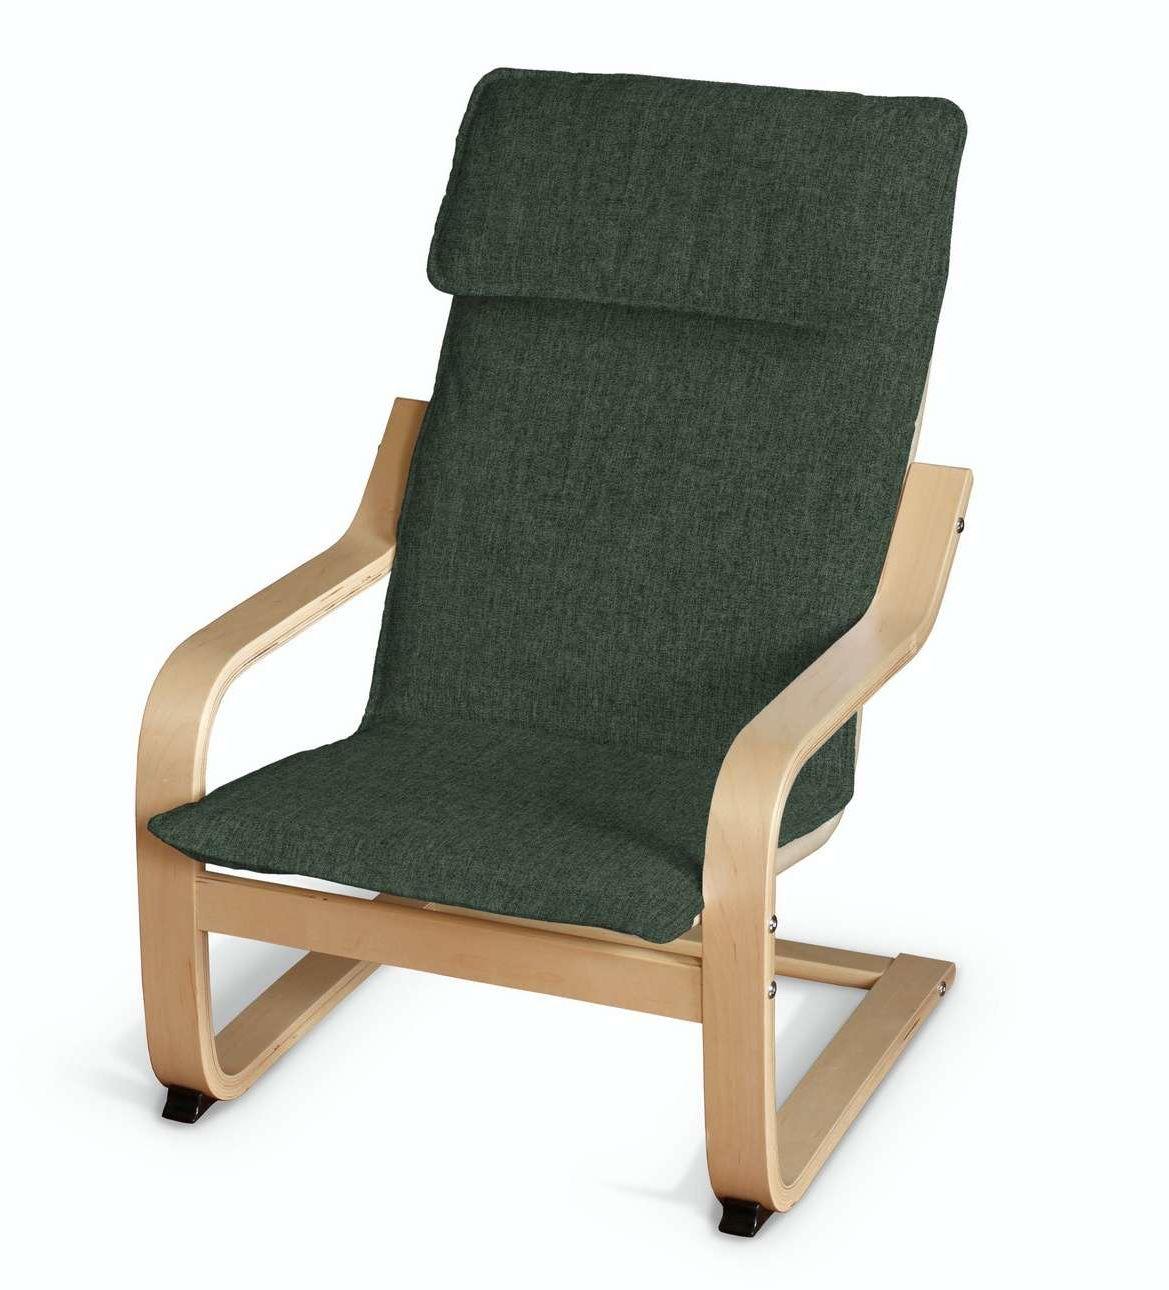 Poduszka na fotelik dziecięcy Poäng, leśna zieleń szenil, fotelik dziecięcy Poäng, City